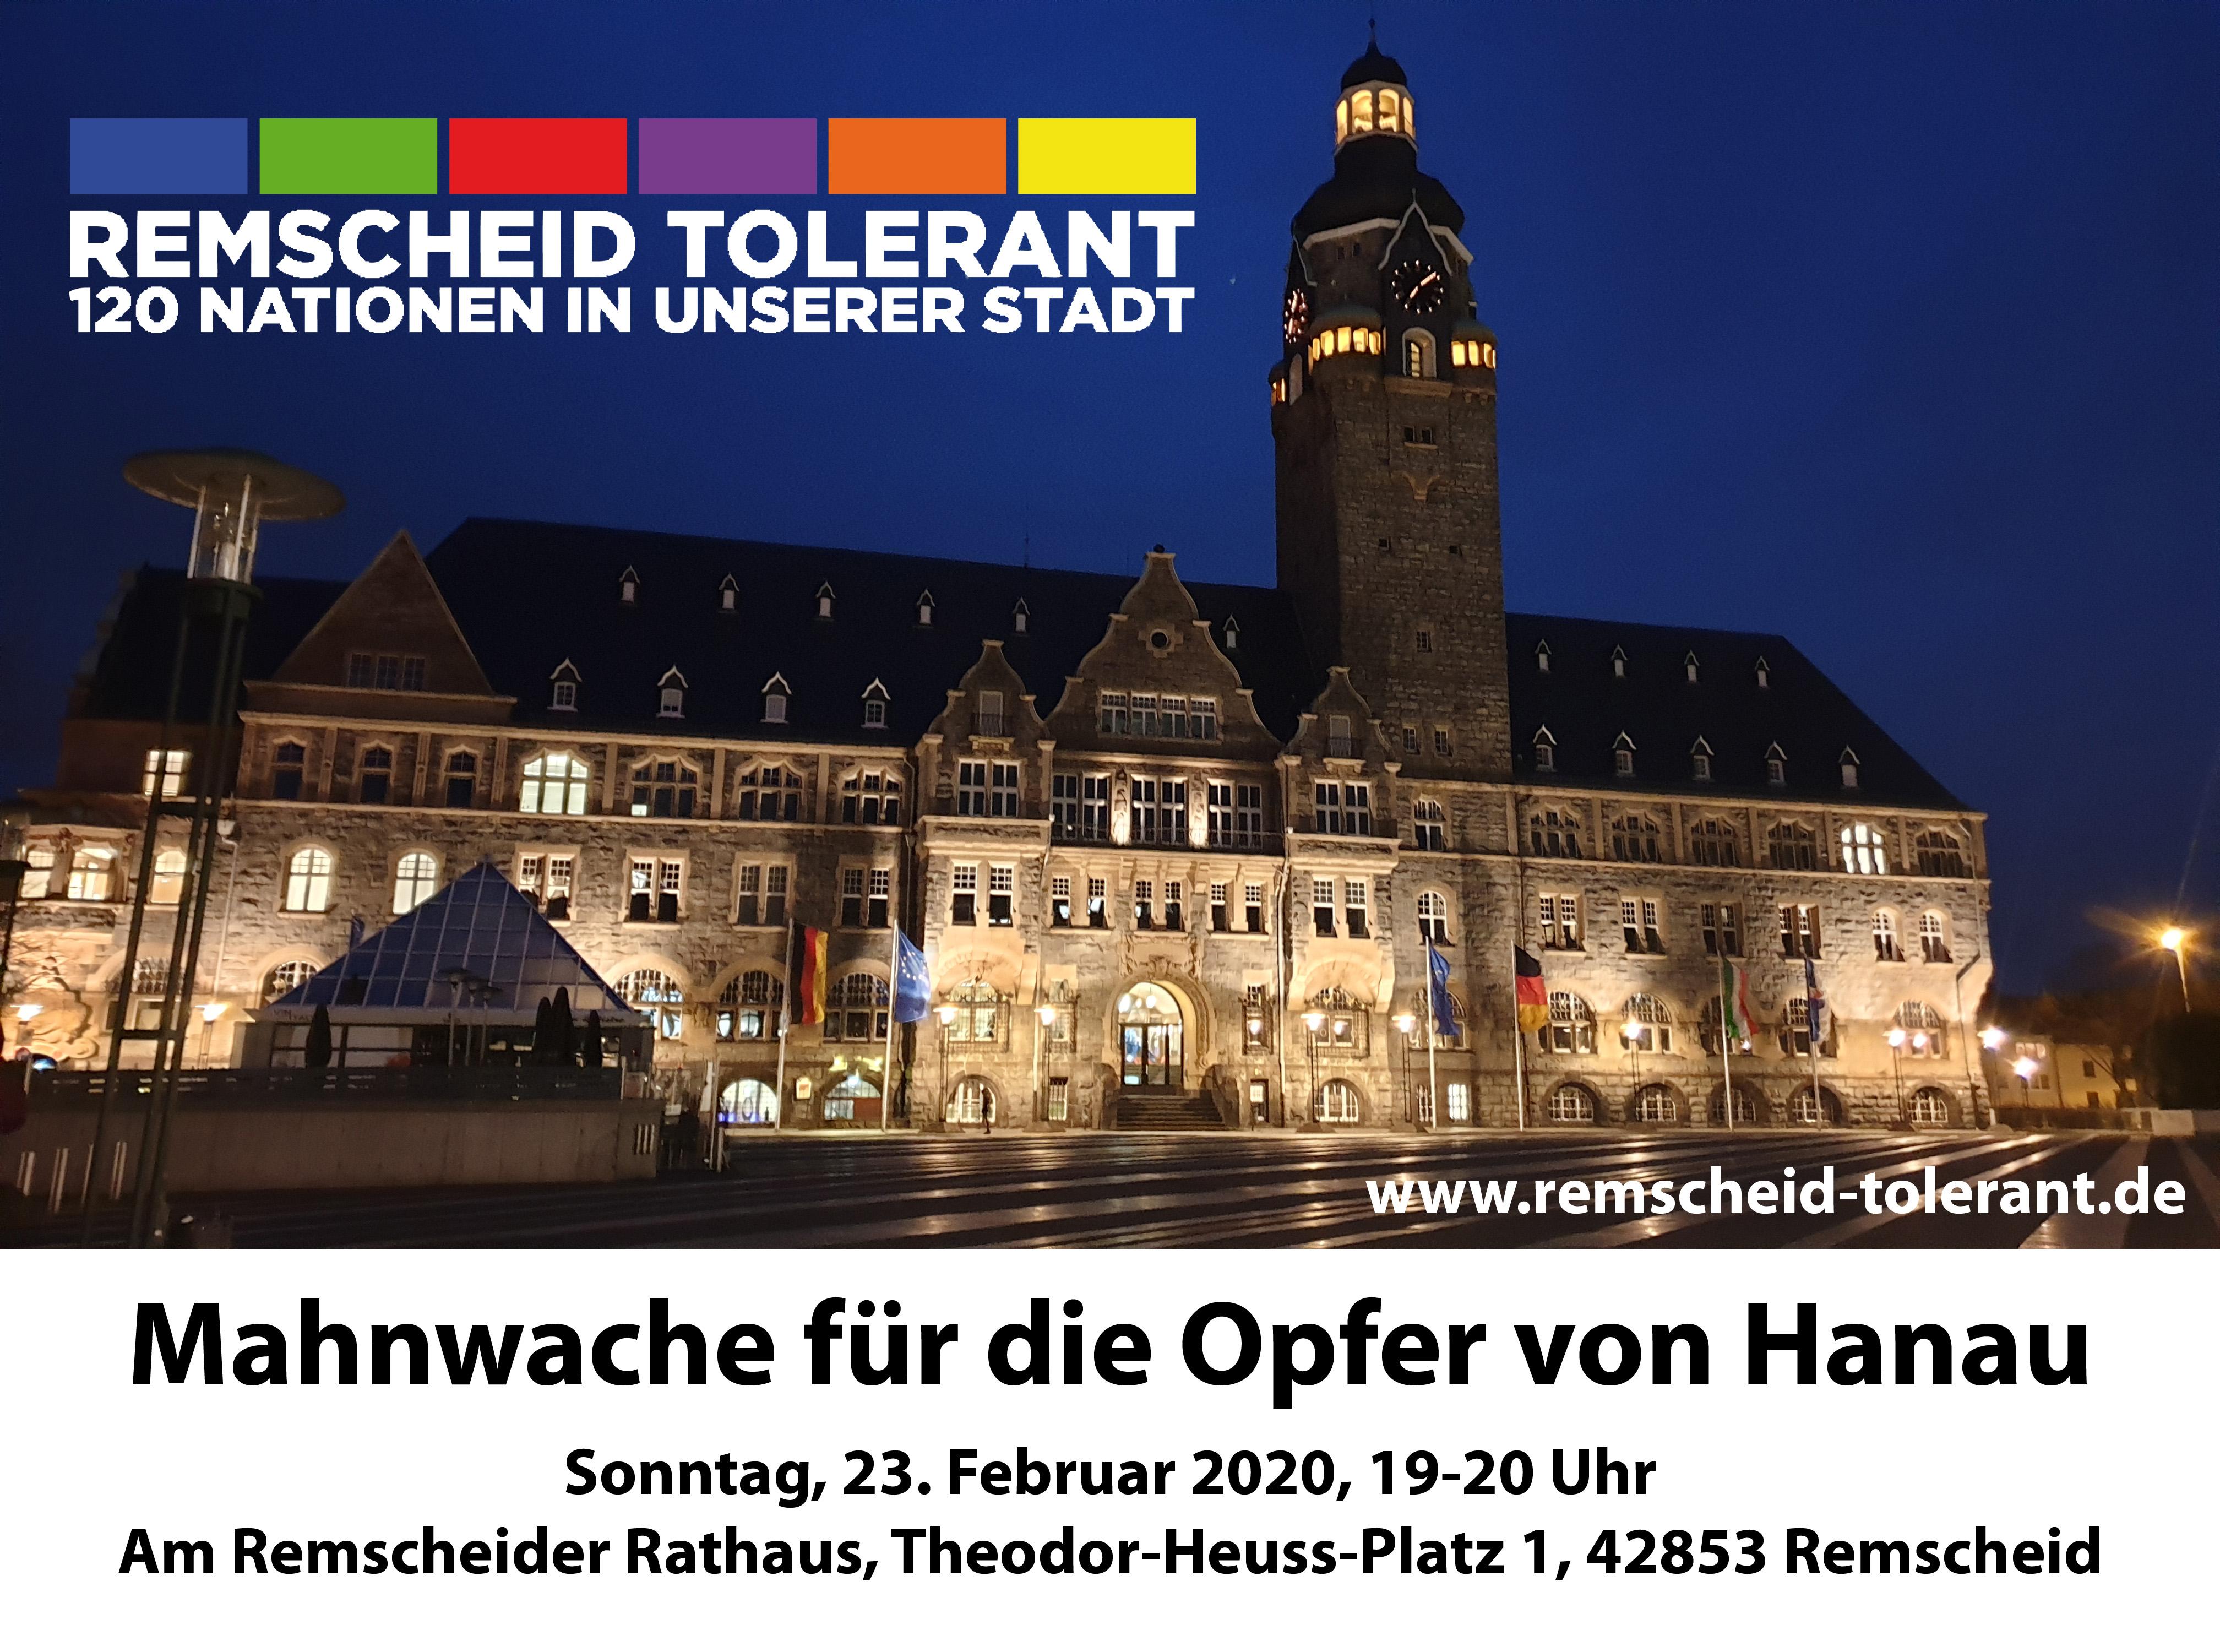 Einladung zur Mahnwache für die Opfer von Hanau am Sonntag, 23.02.2020 von 19-20 Uhr am Remscheider Rathaus.